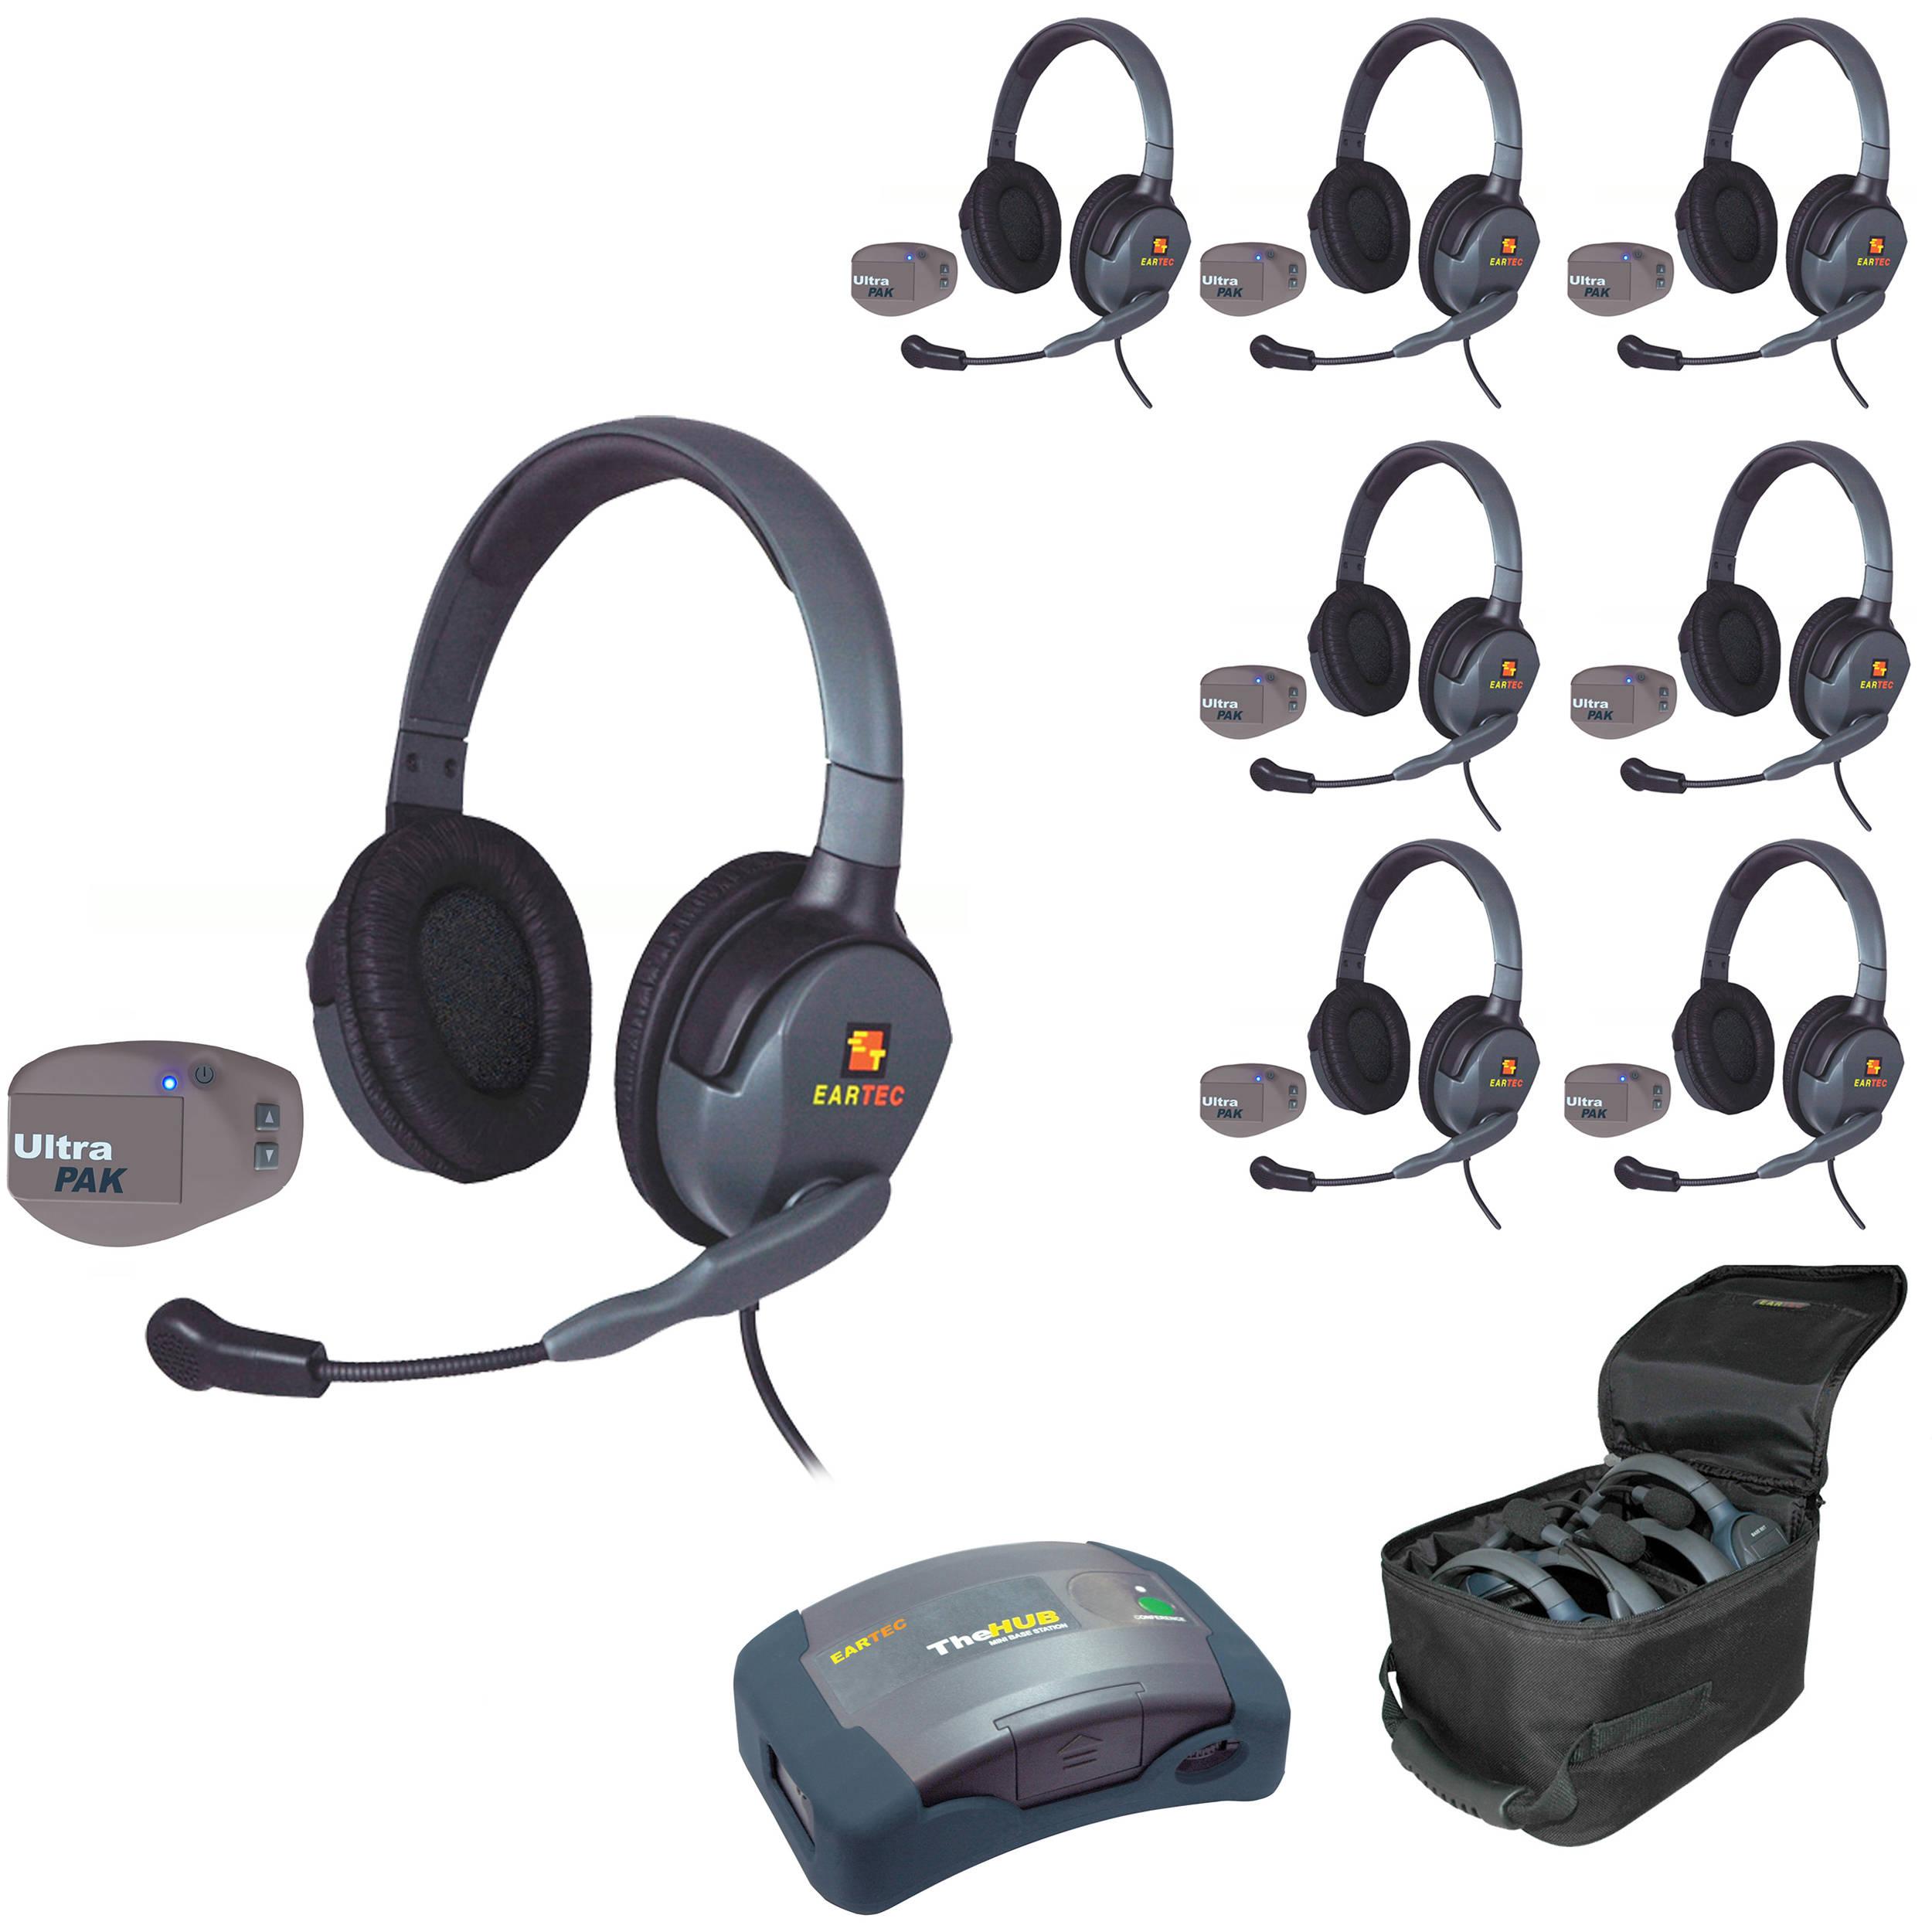 Eartec Upmx4gd8 Ultrapak 8 Person Hub Intercom System Upmx4gd8